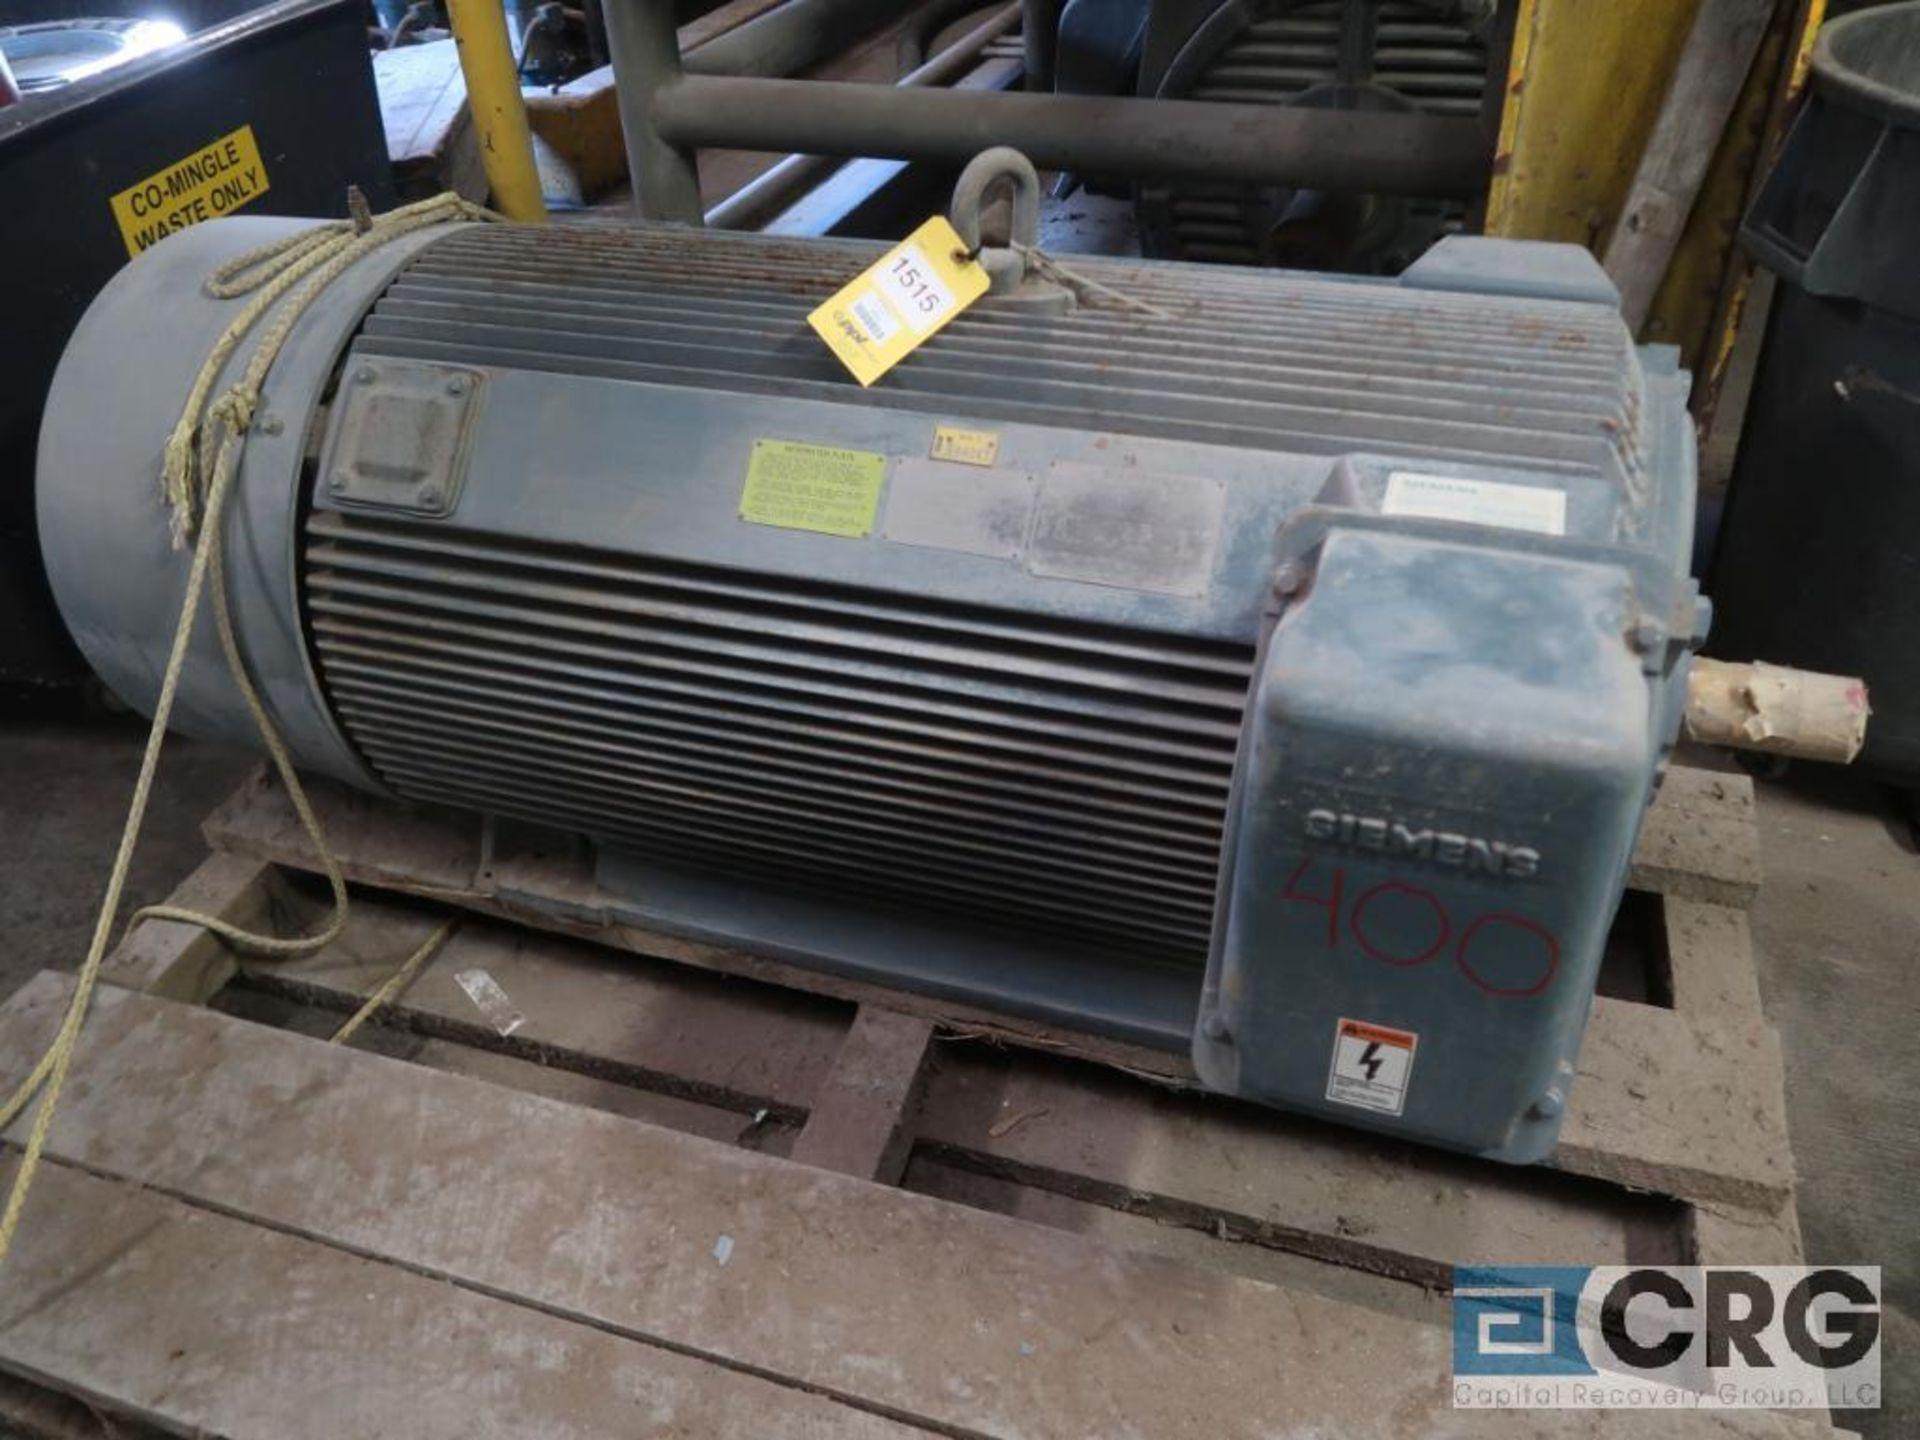 Siemens motor, 400 HP, 1,787 RPM, 2,300 volt, frame 5011, year 1992, s/n E11403-01-1, equipment #